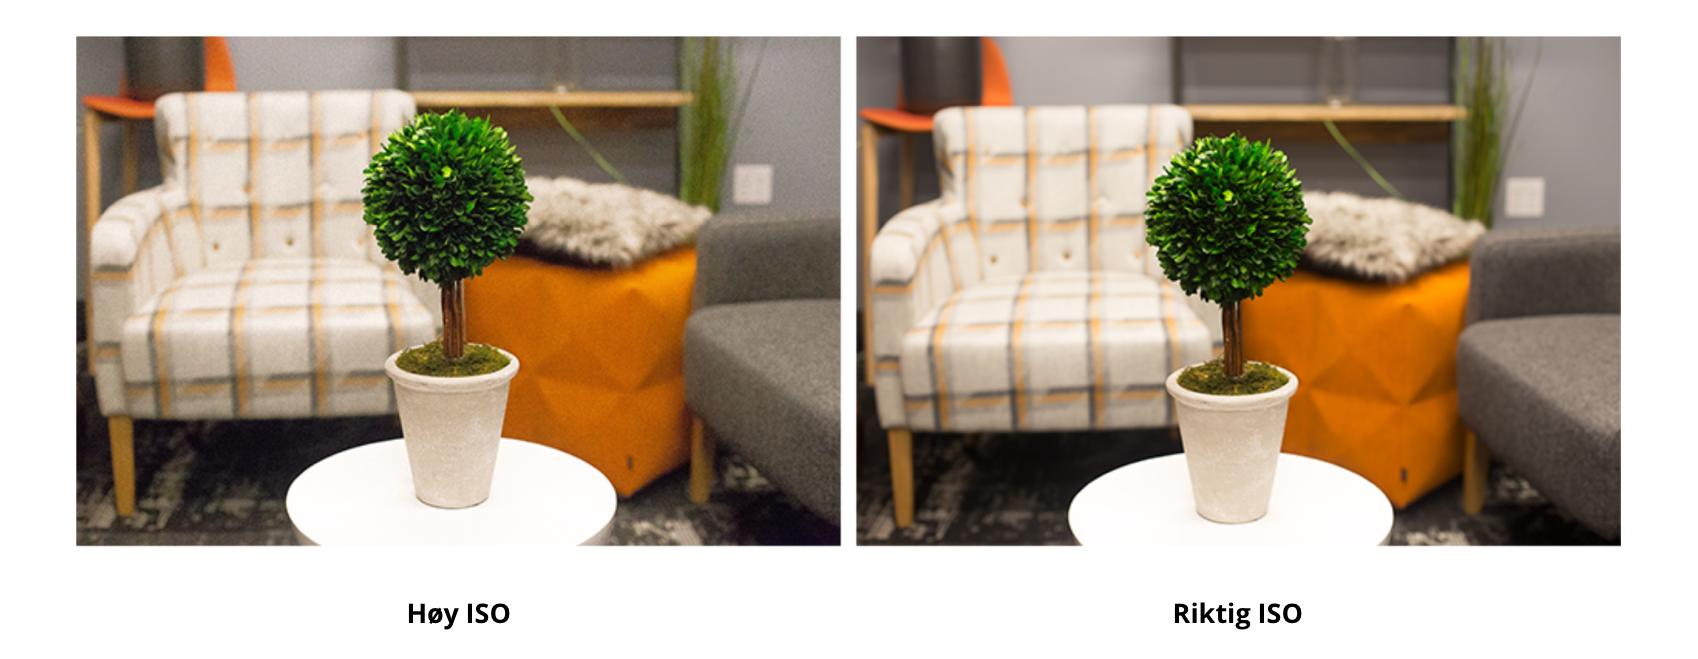 Bilde for å vise forskjellen på kamerainnstilling med lav og høy ISO.